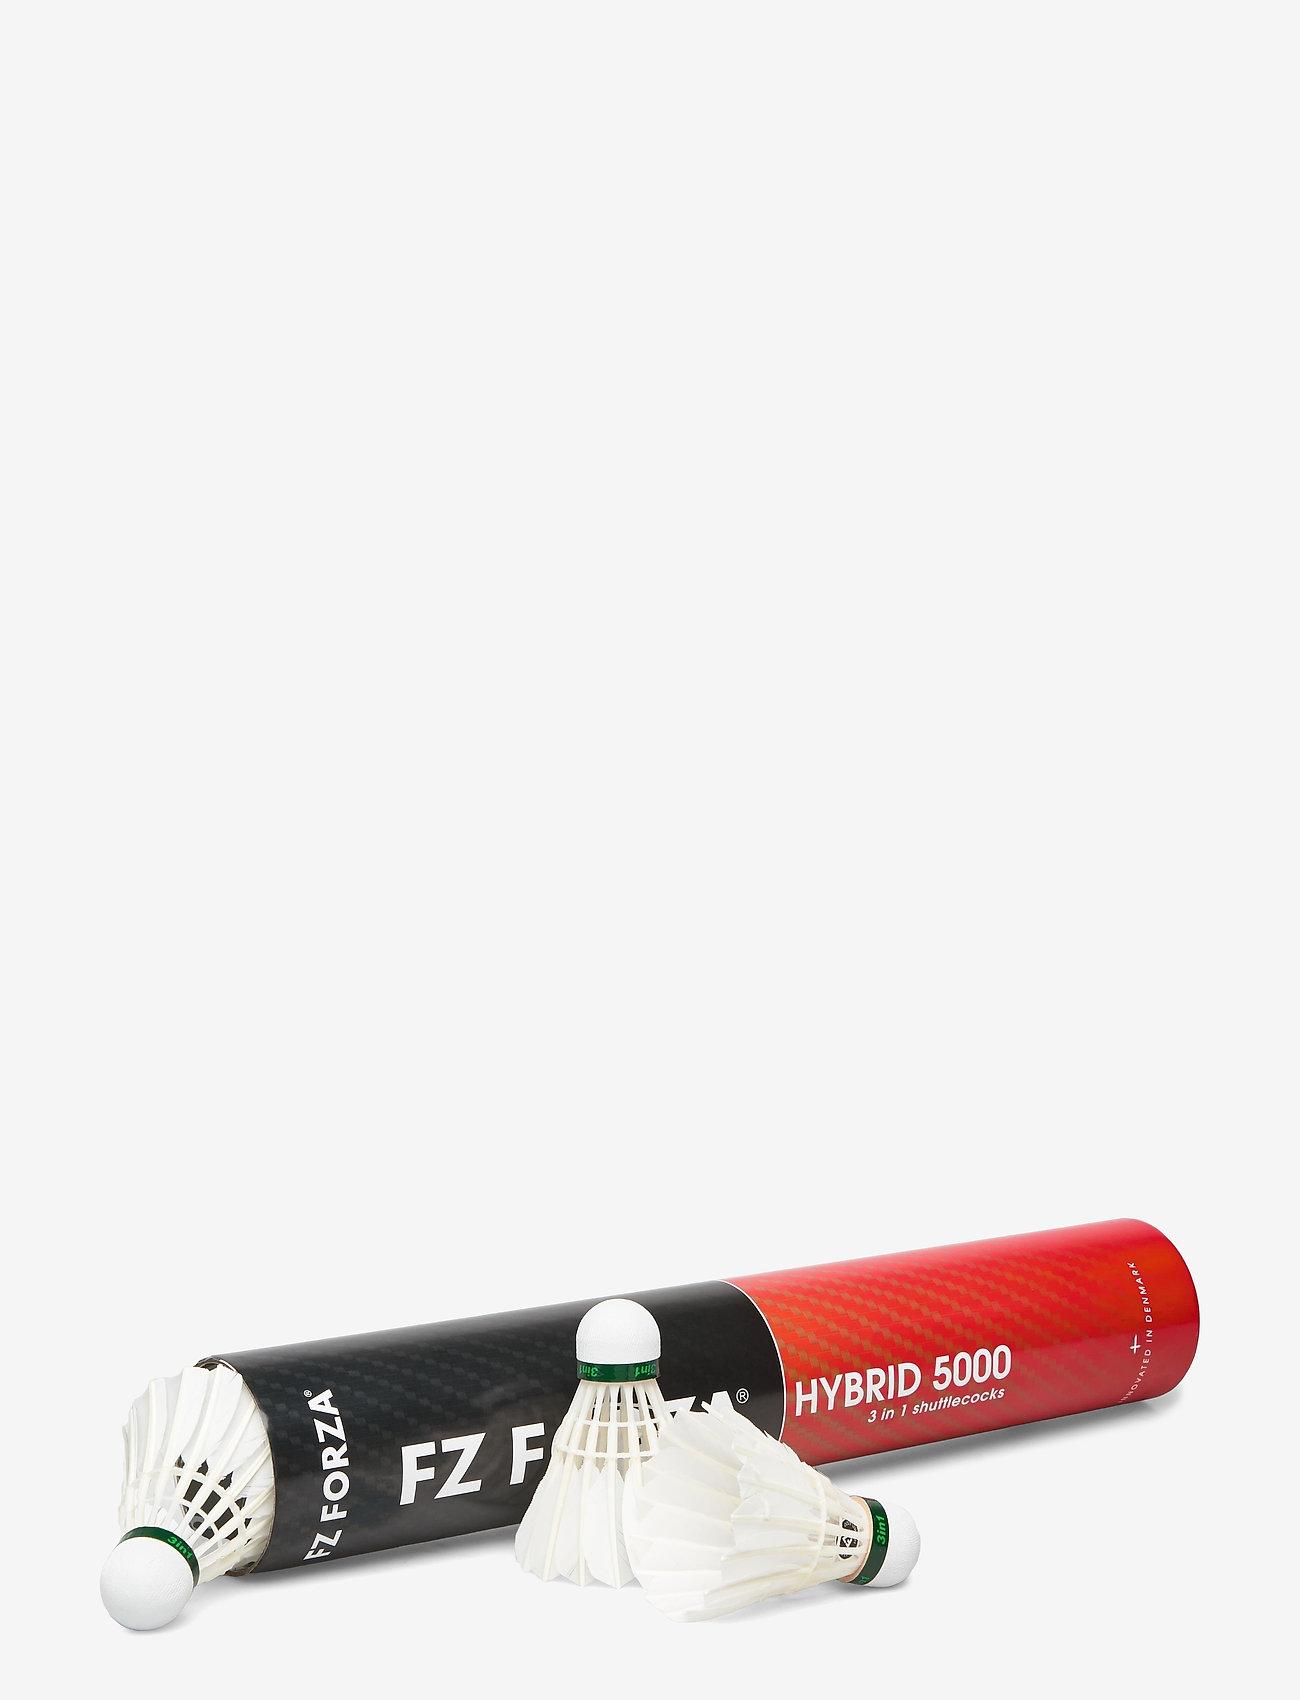 FZ Forza - FZ FORZA Hybrid 5000 - ballen en accessoires - 01 - 1